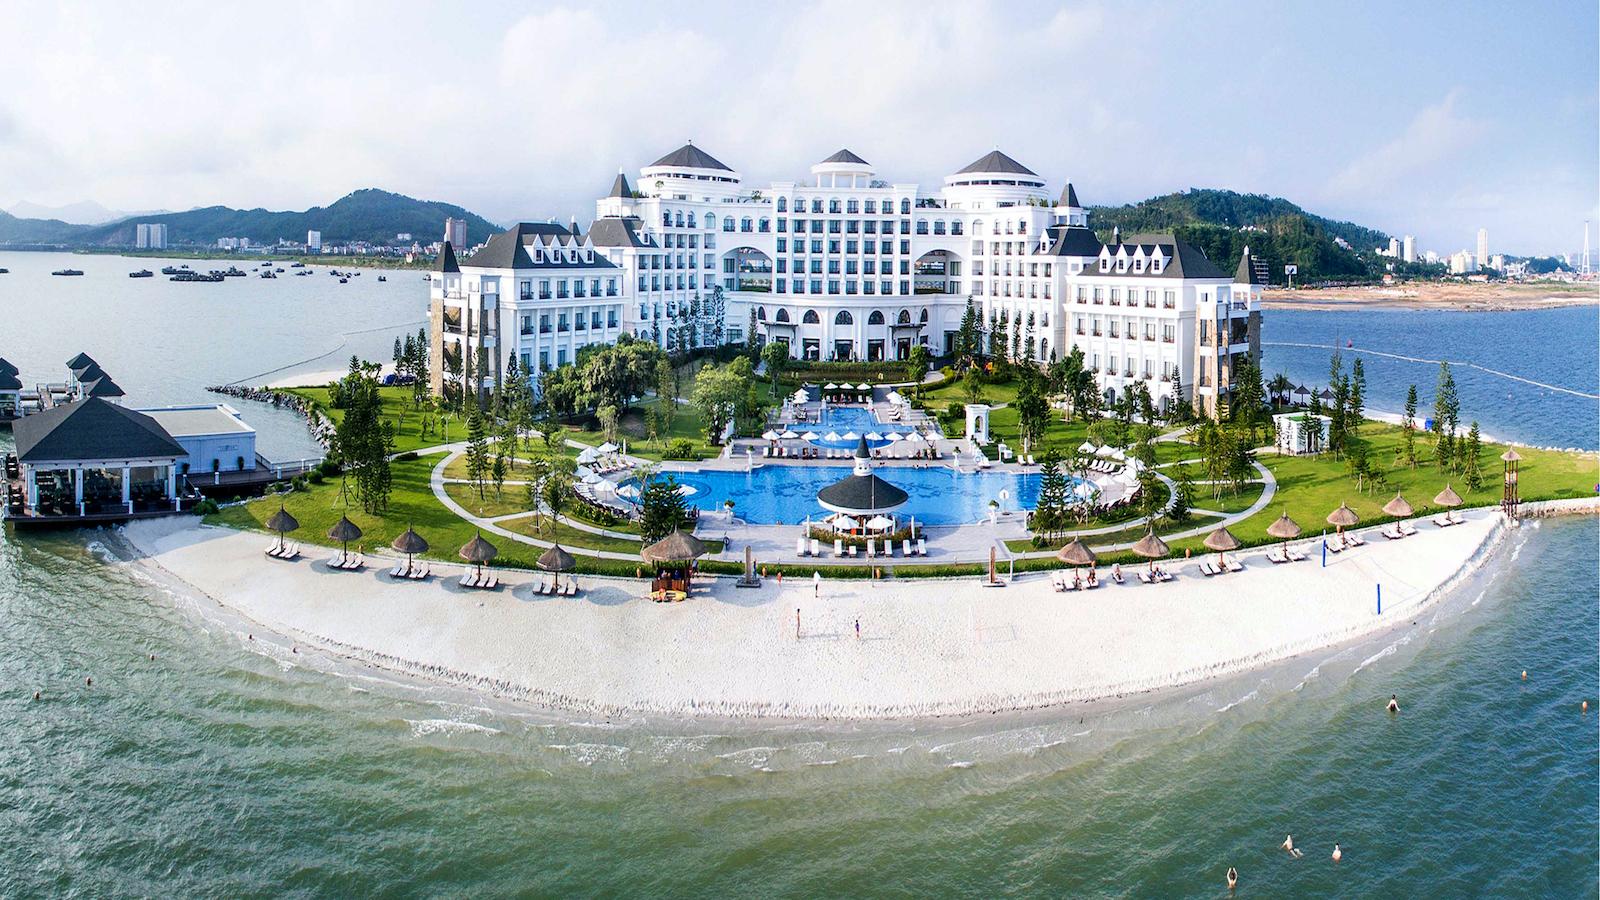 Vinpearl resort and spa Halong Bay